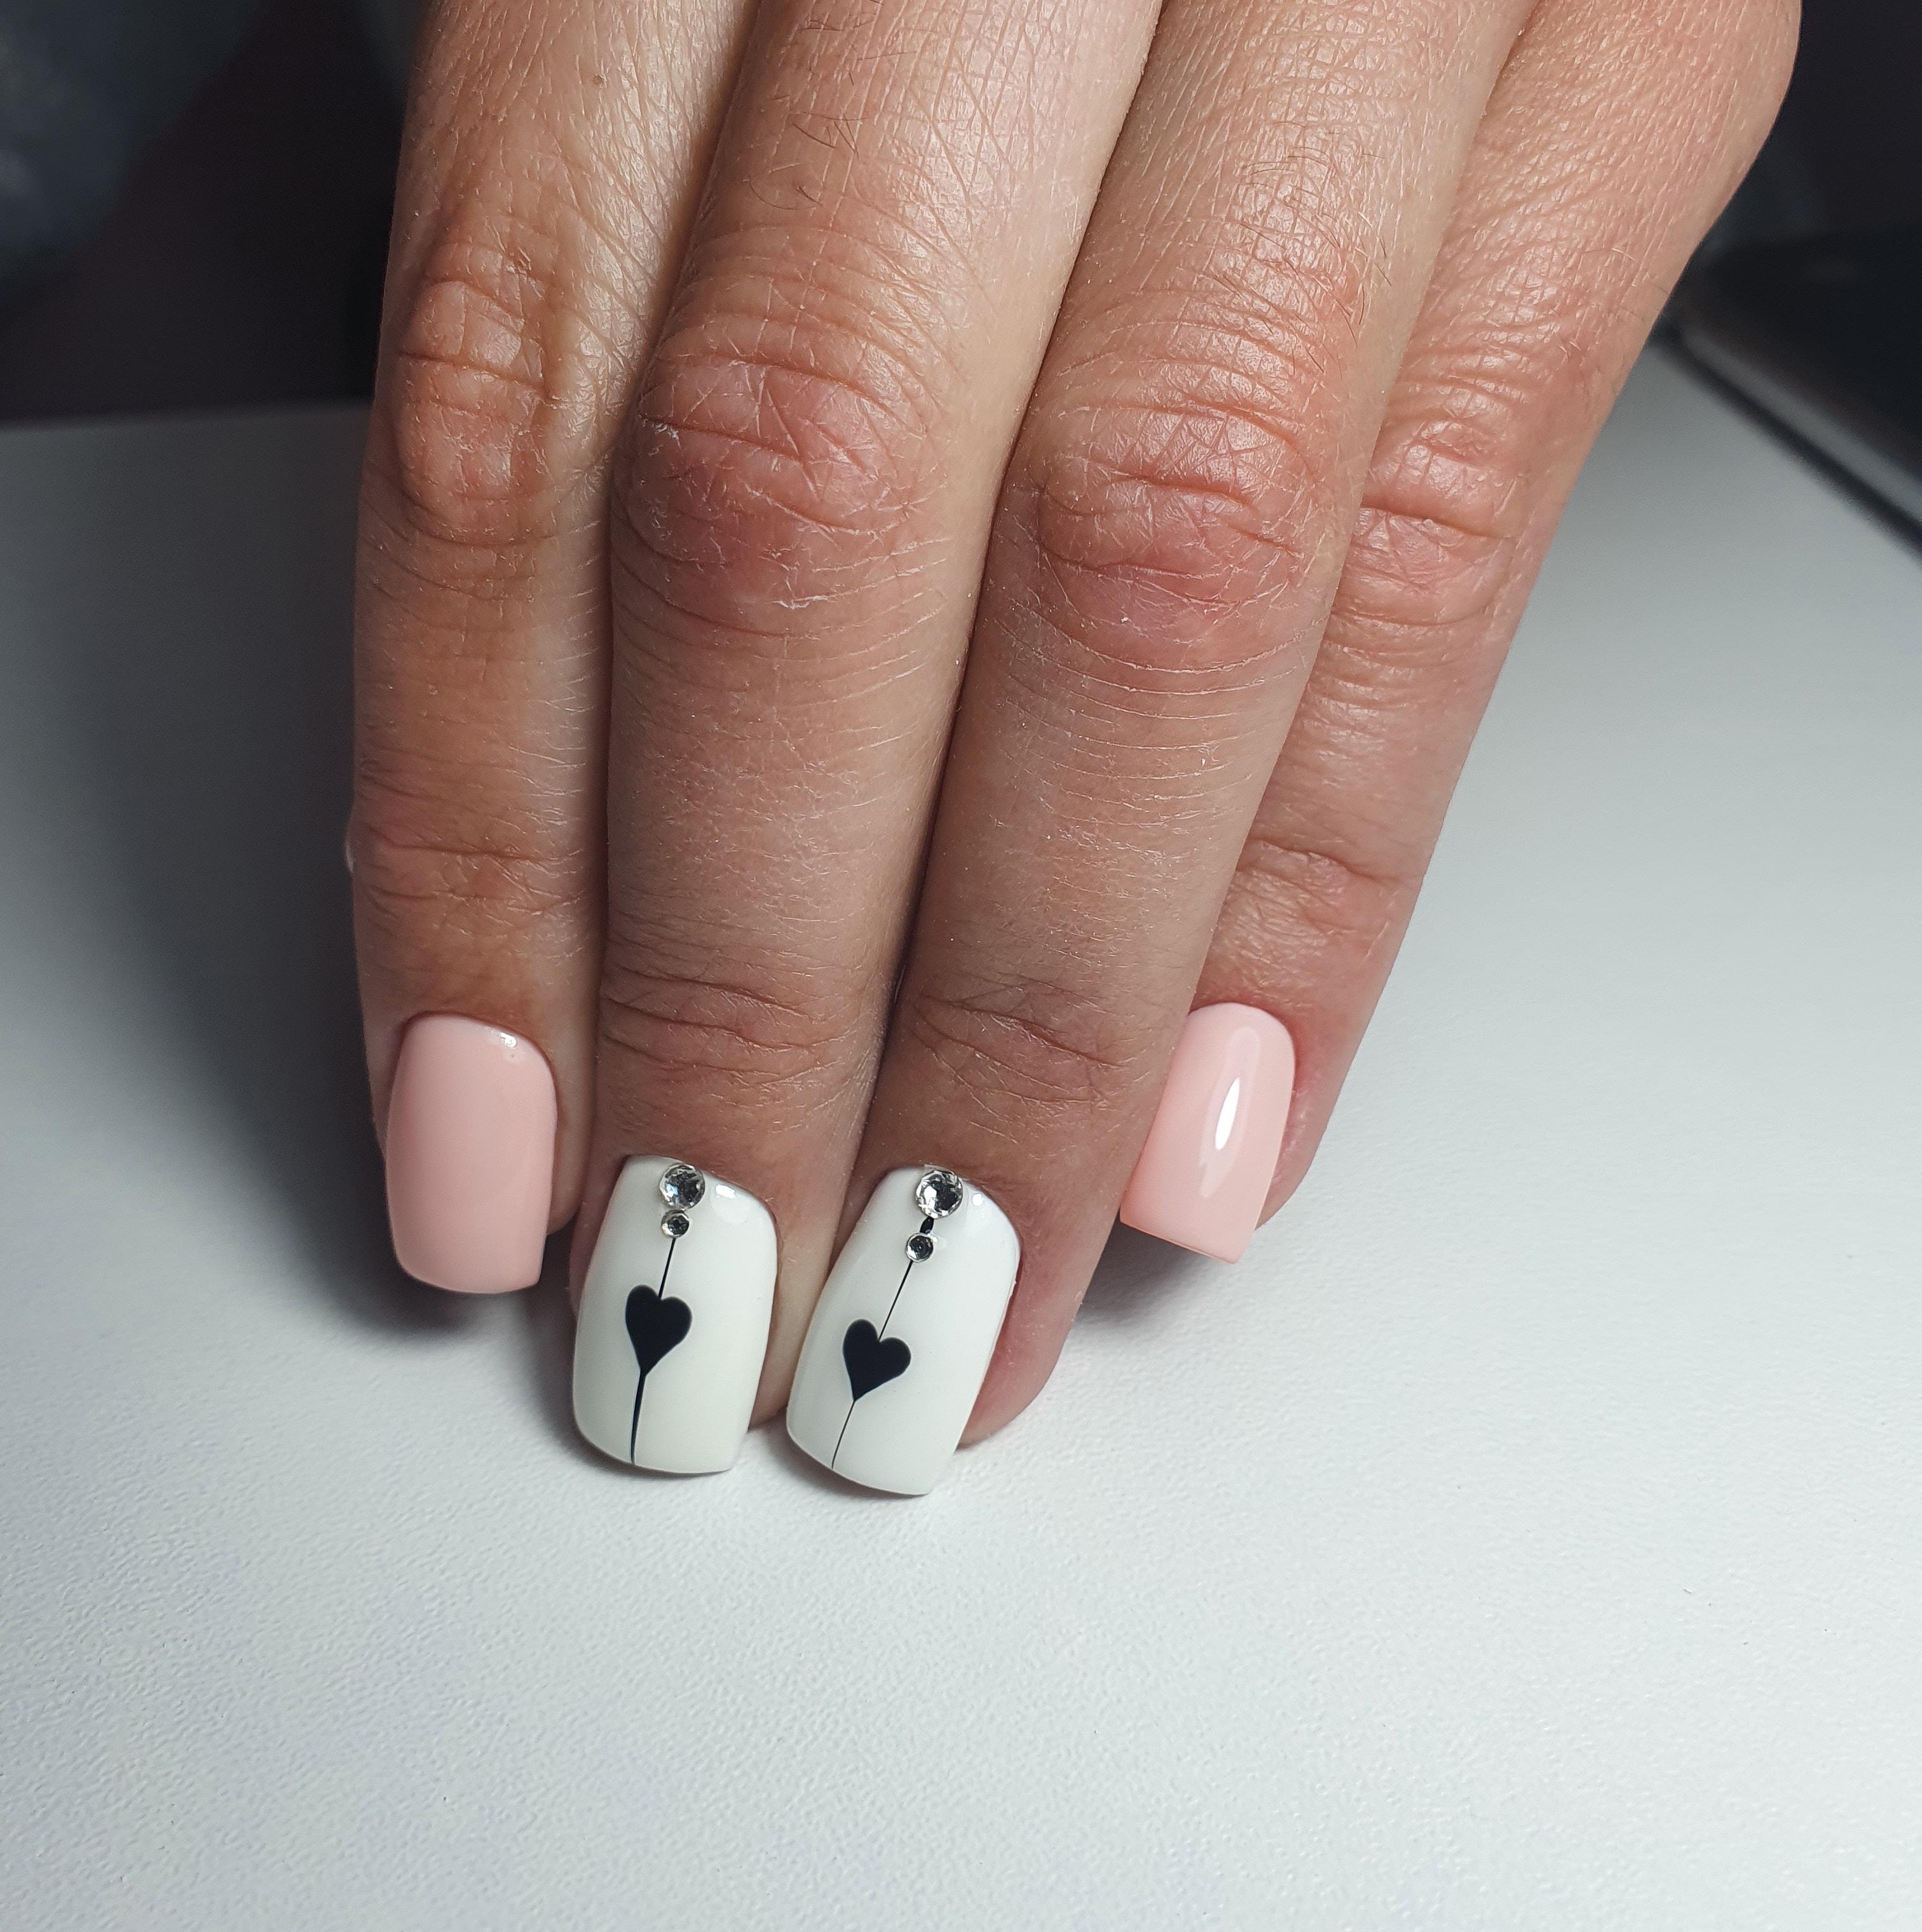 Маникюр с сердечками и стразами в персиковом цвете на короткие ногти.